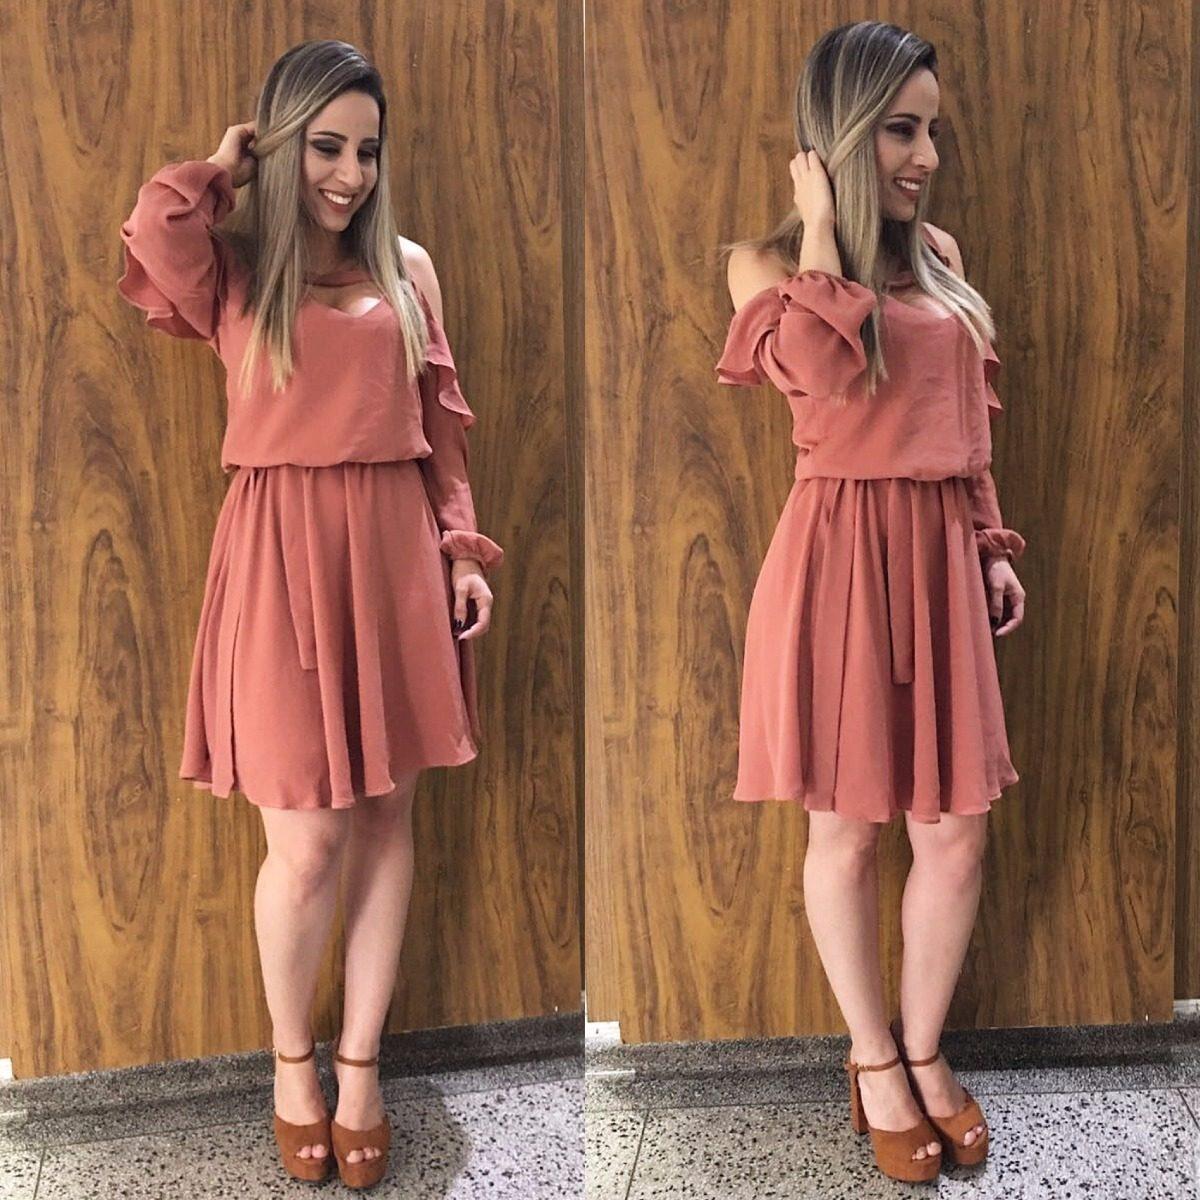 28d3b69e56 Vestido Feminino Curto Saia Godê - R  35